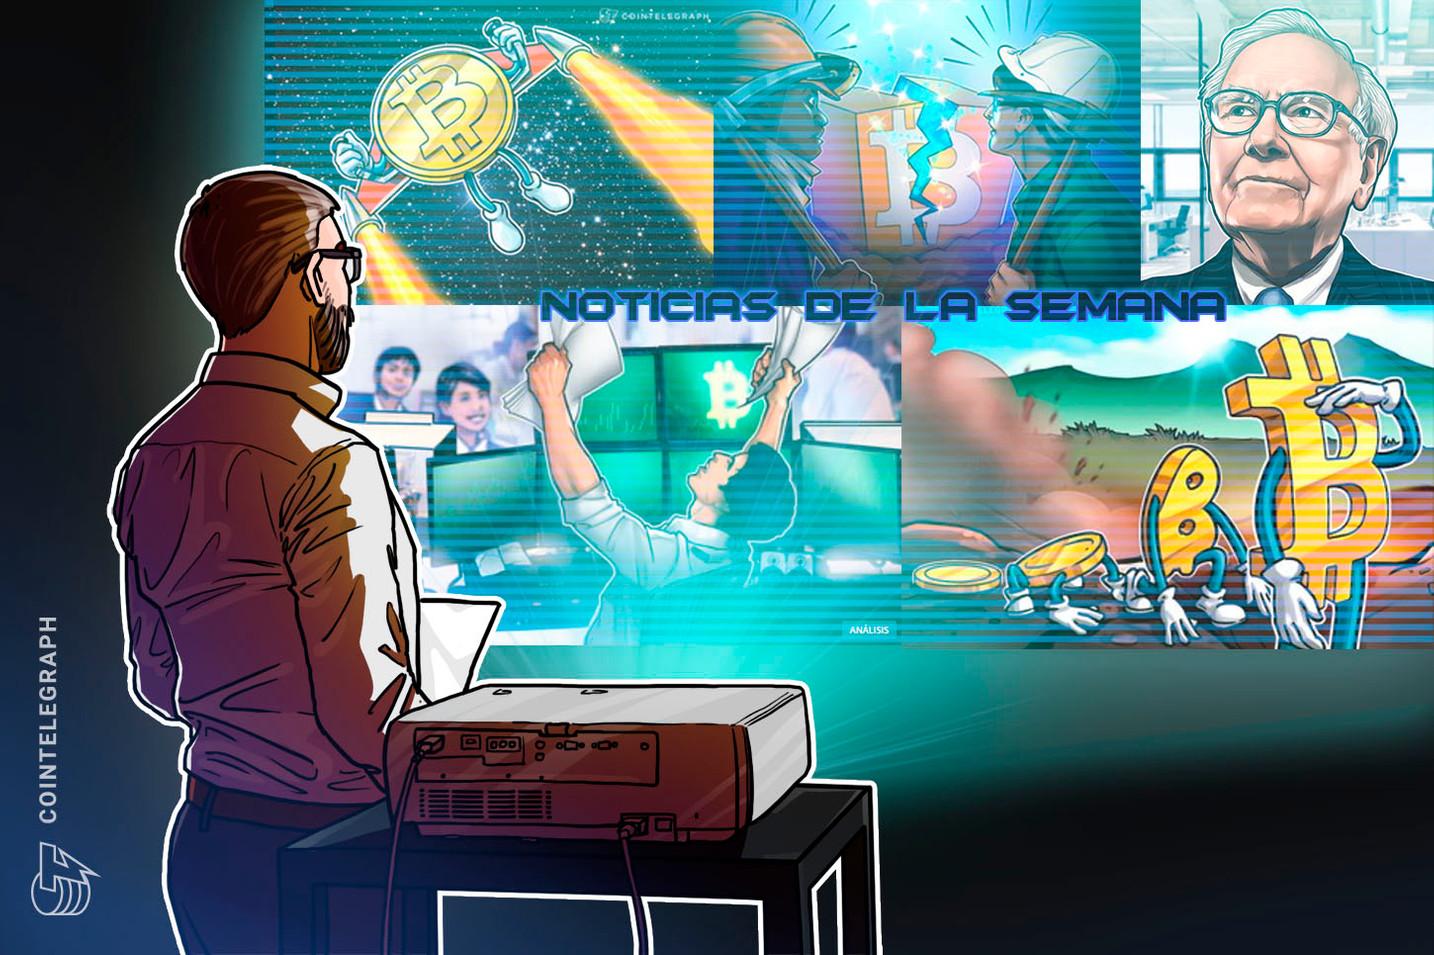 Top criptonoticias de la semana: Warren Buffett es pesimista sobre el mercado, una visión de Bitcoin en diez años y mucho más